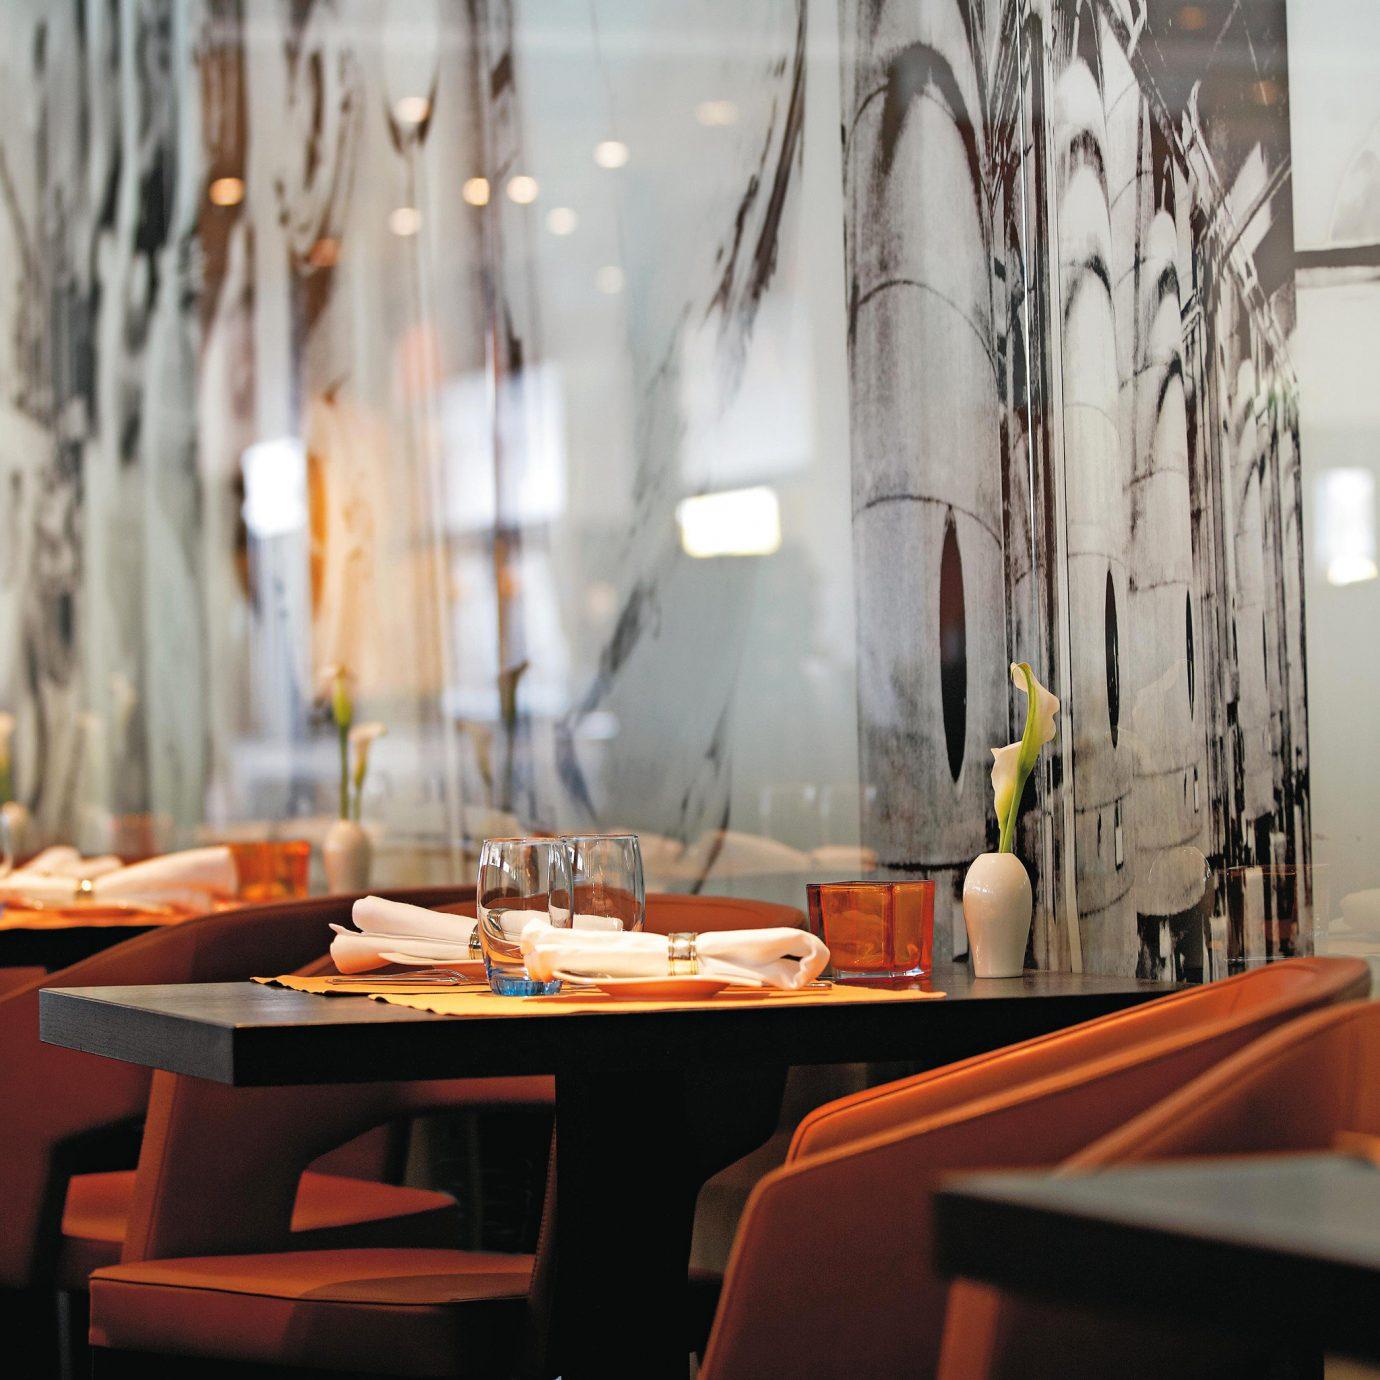 Dining Drink Eat restaurant set